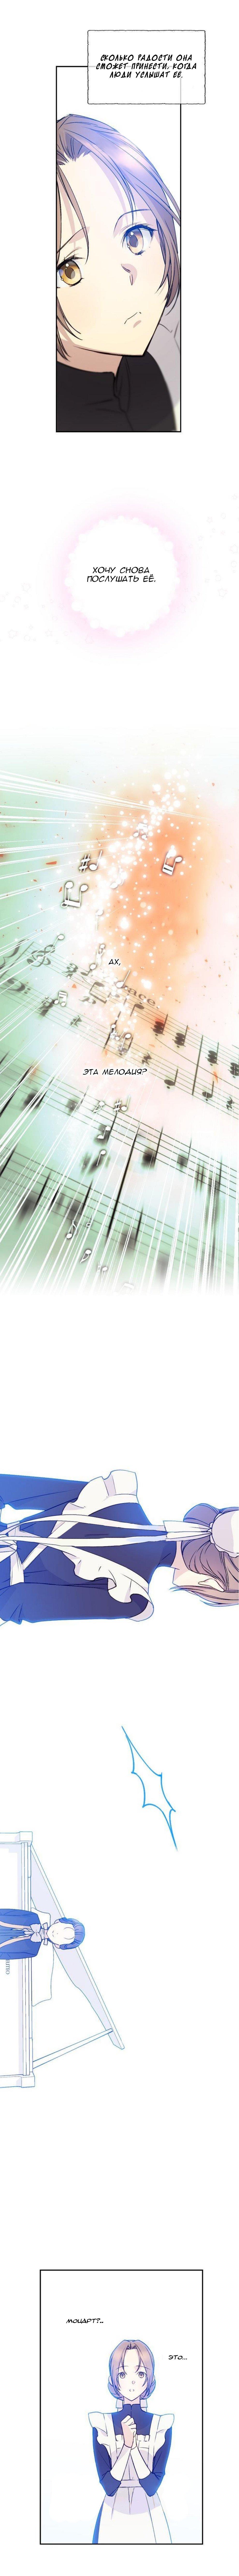 Манга Способная горничная / Capable maid  - Том 1 Глава 5 Страница 13